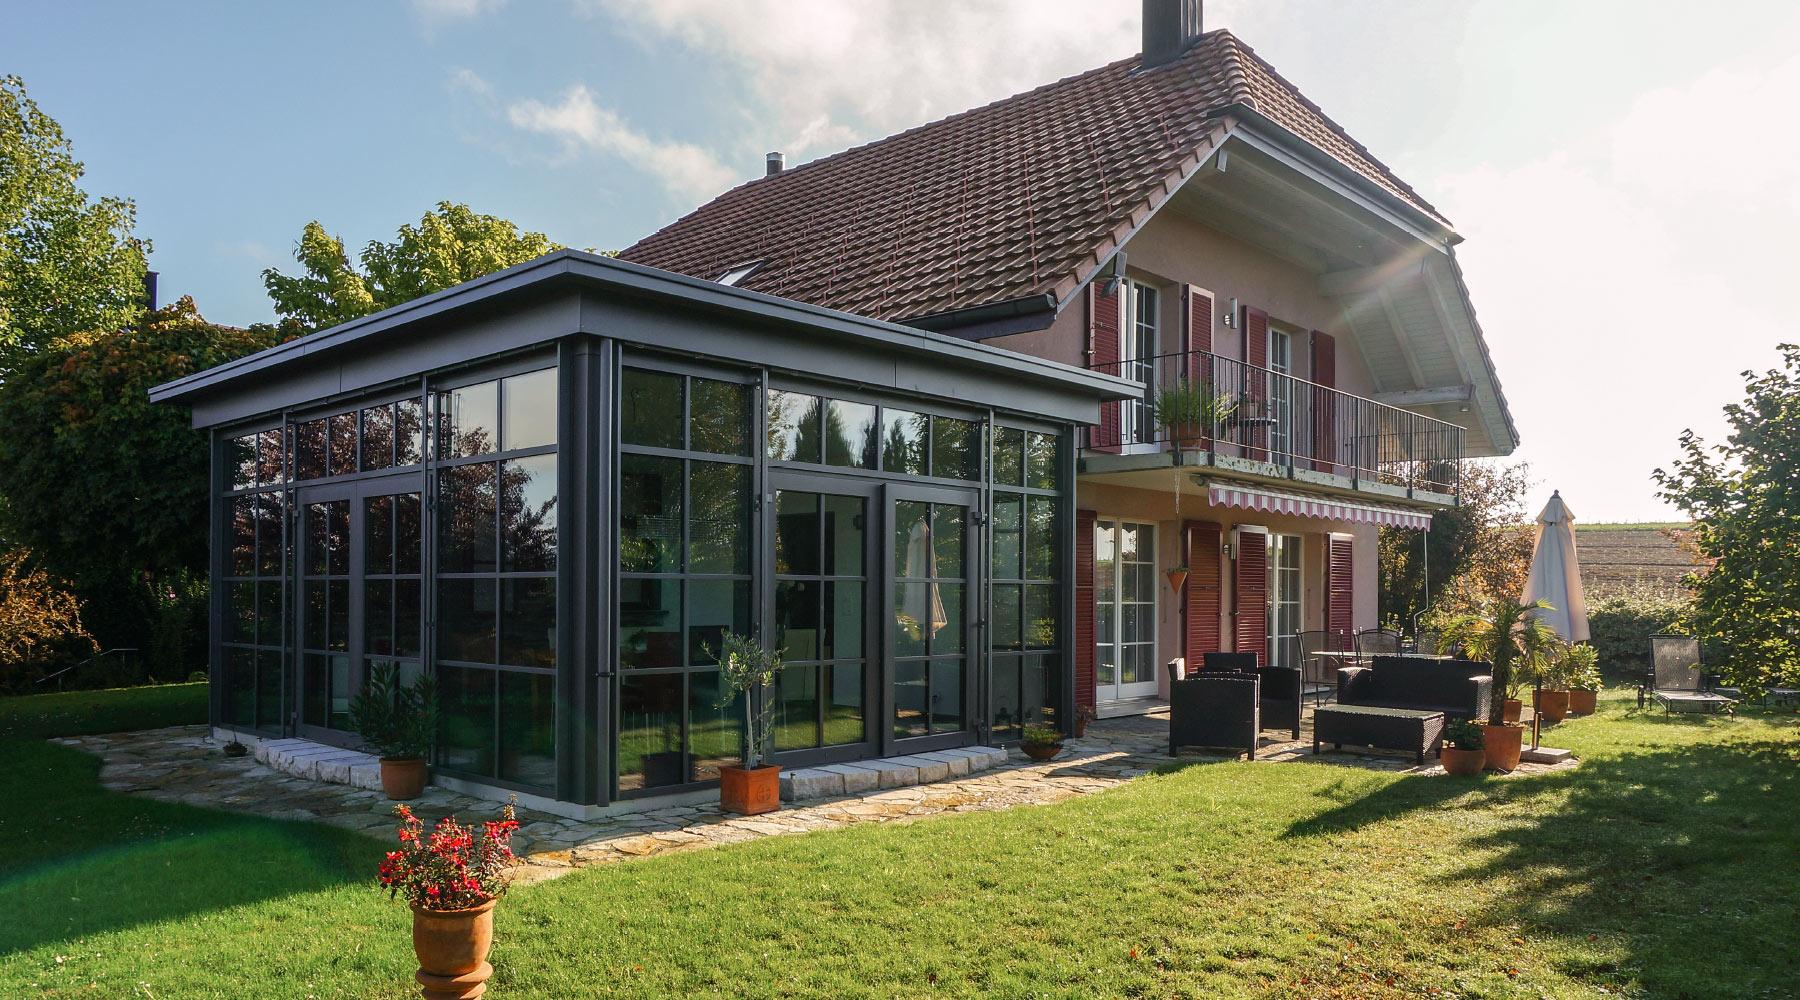 wintergarten auf terrasse bauen fantastisch wintergarten auf terrasse bauen design ideen. Black Bedroom Furniture Sets. Home Design Ideas